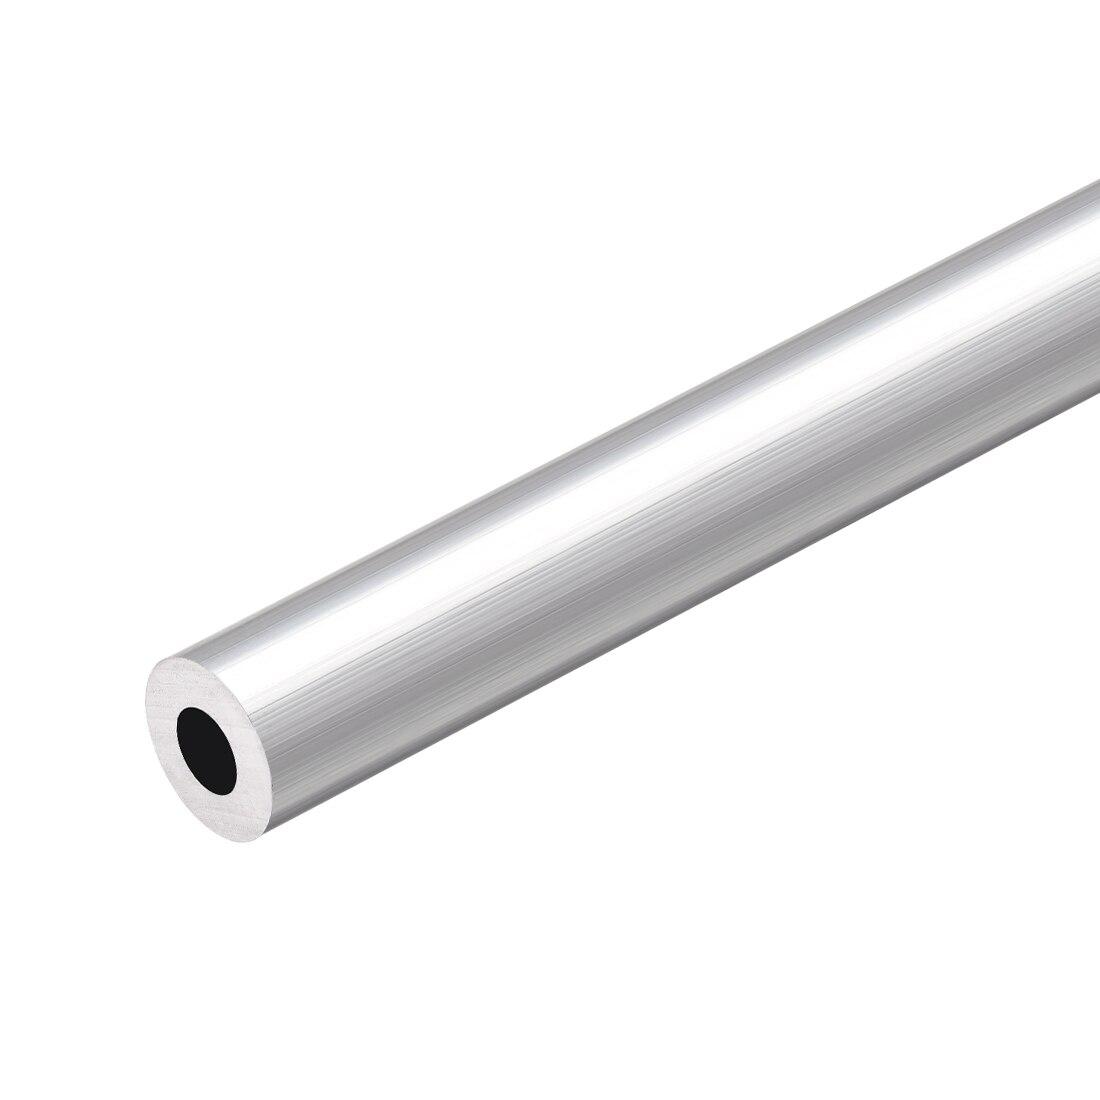 TiN Osg Usa 8595465 4.65mm x 68mm OAL HSSE Drill